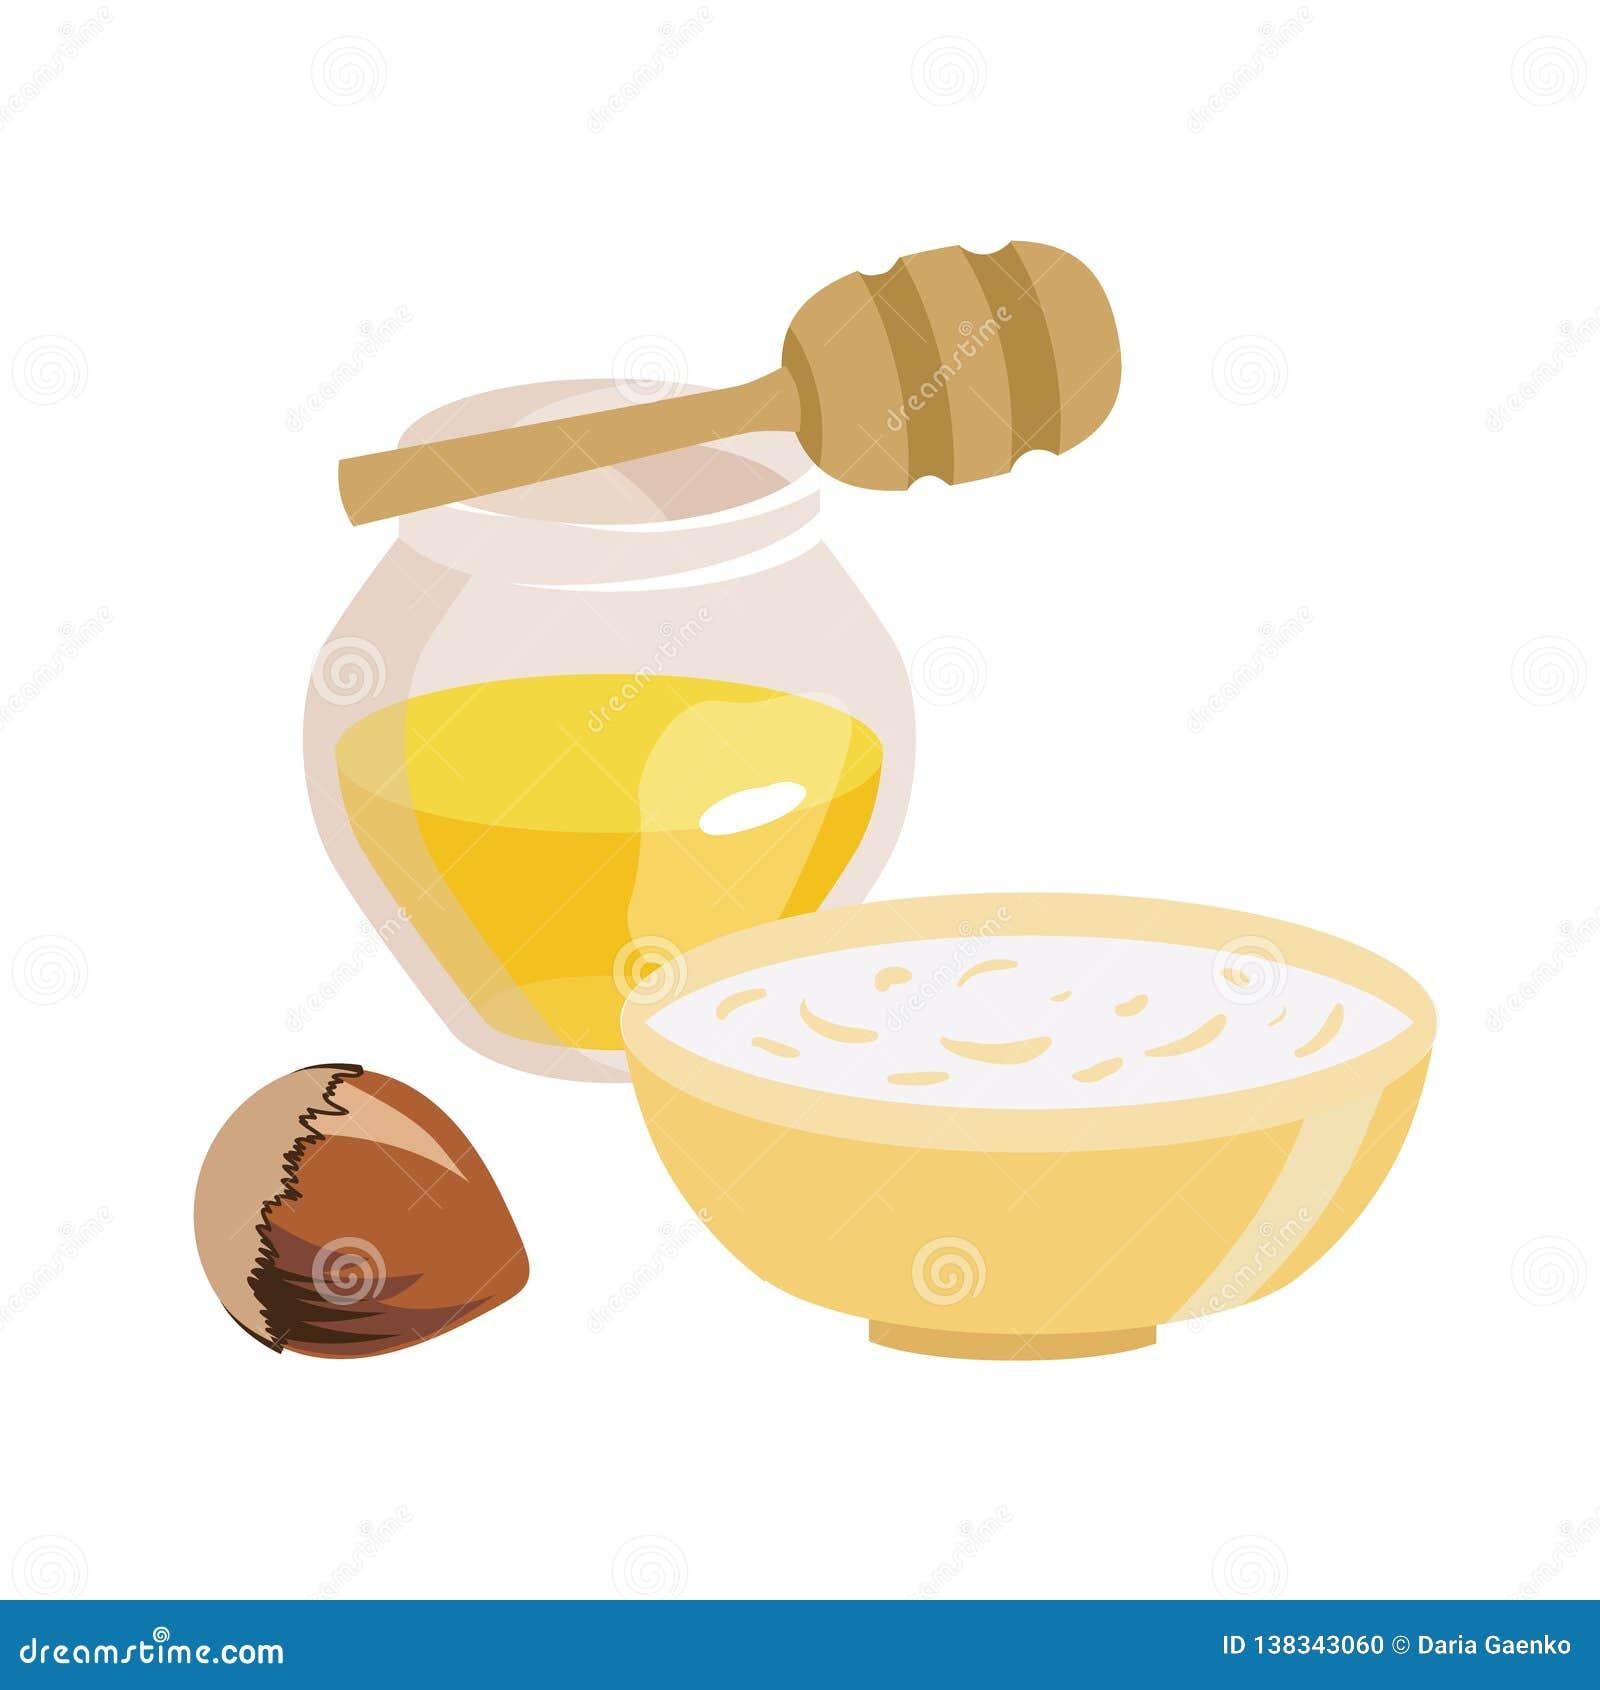 Alimento pelo tempo Lent Frasco transparente com mel Uma bacia de farinha de aveia hazelnut Ilustração isolada do vetor